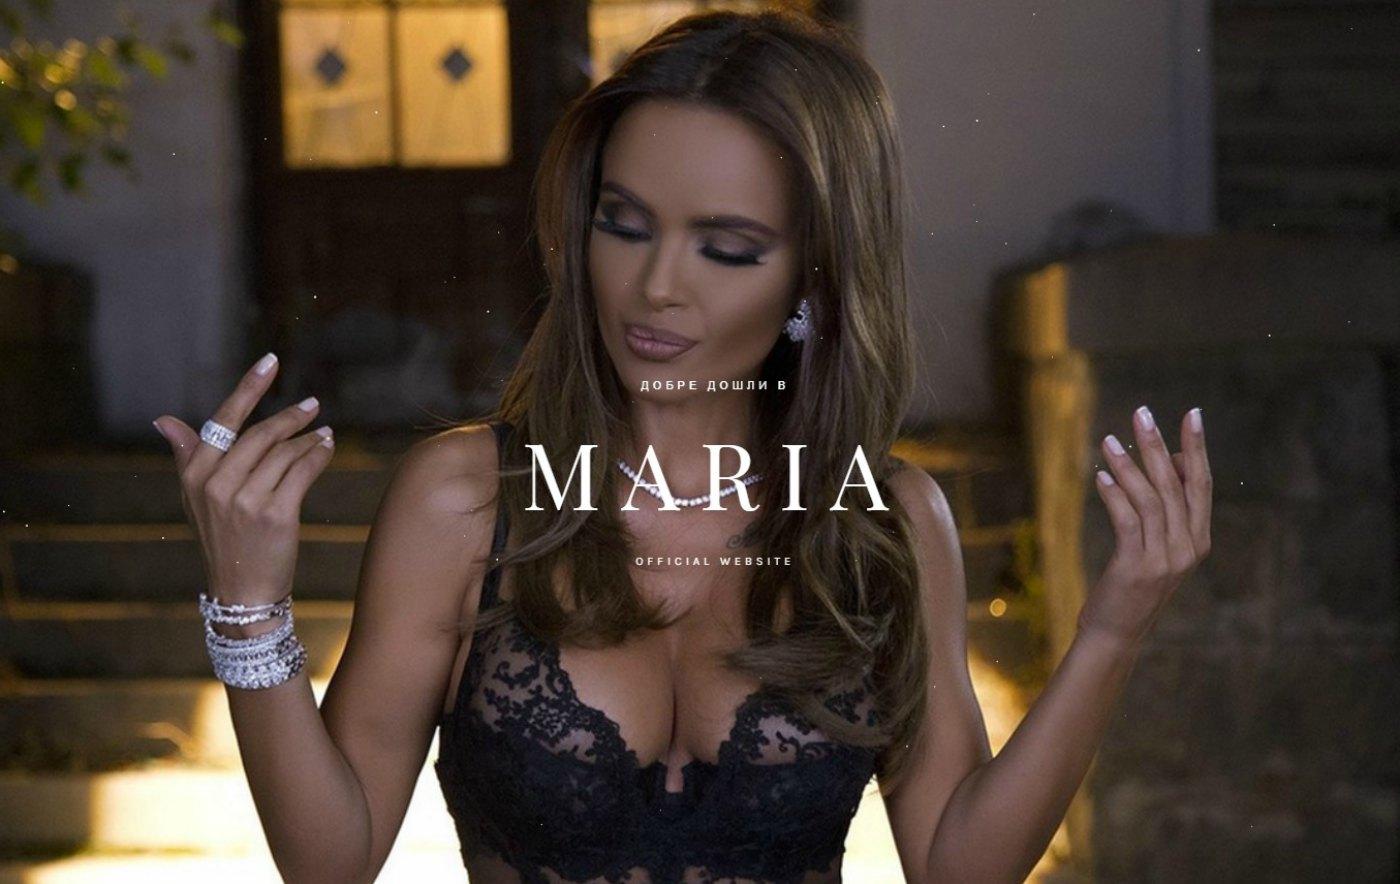 Мария със собствен сайт